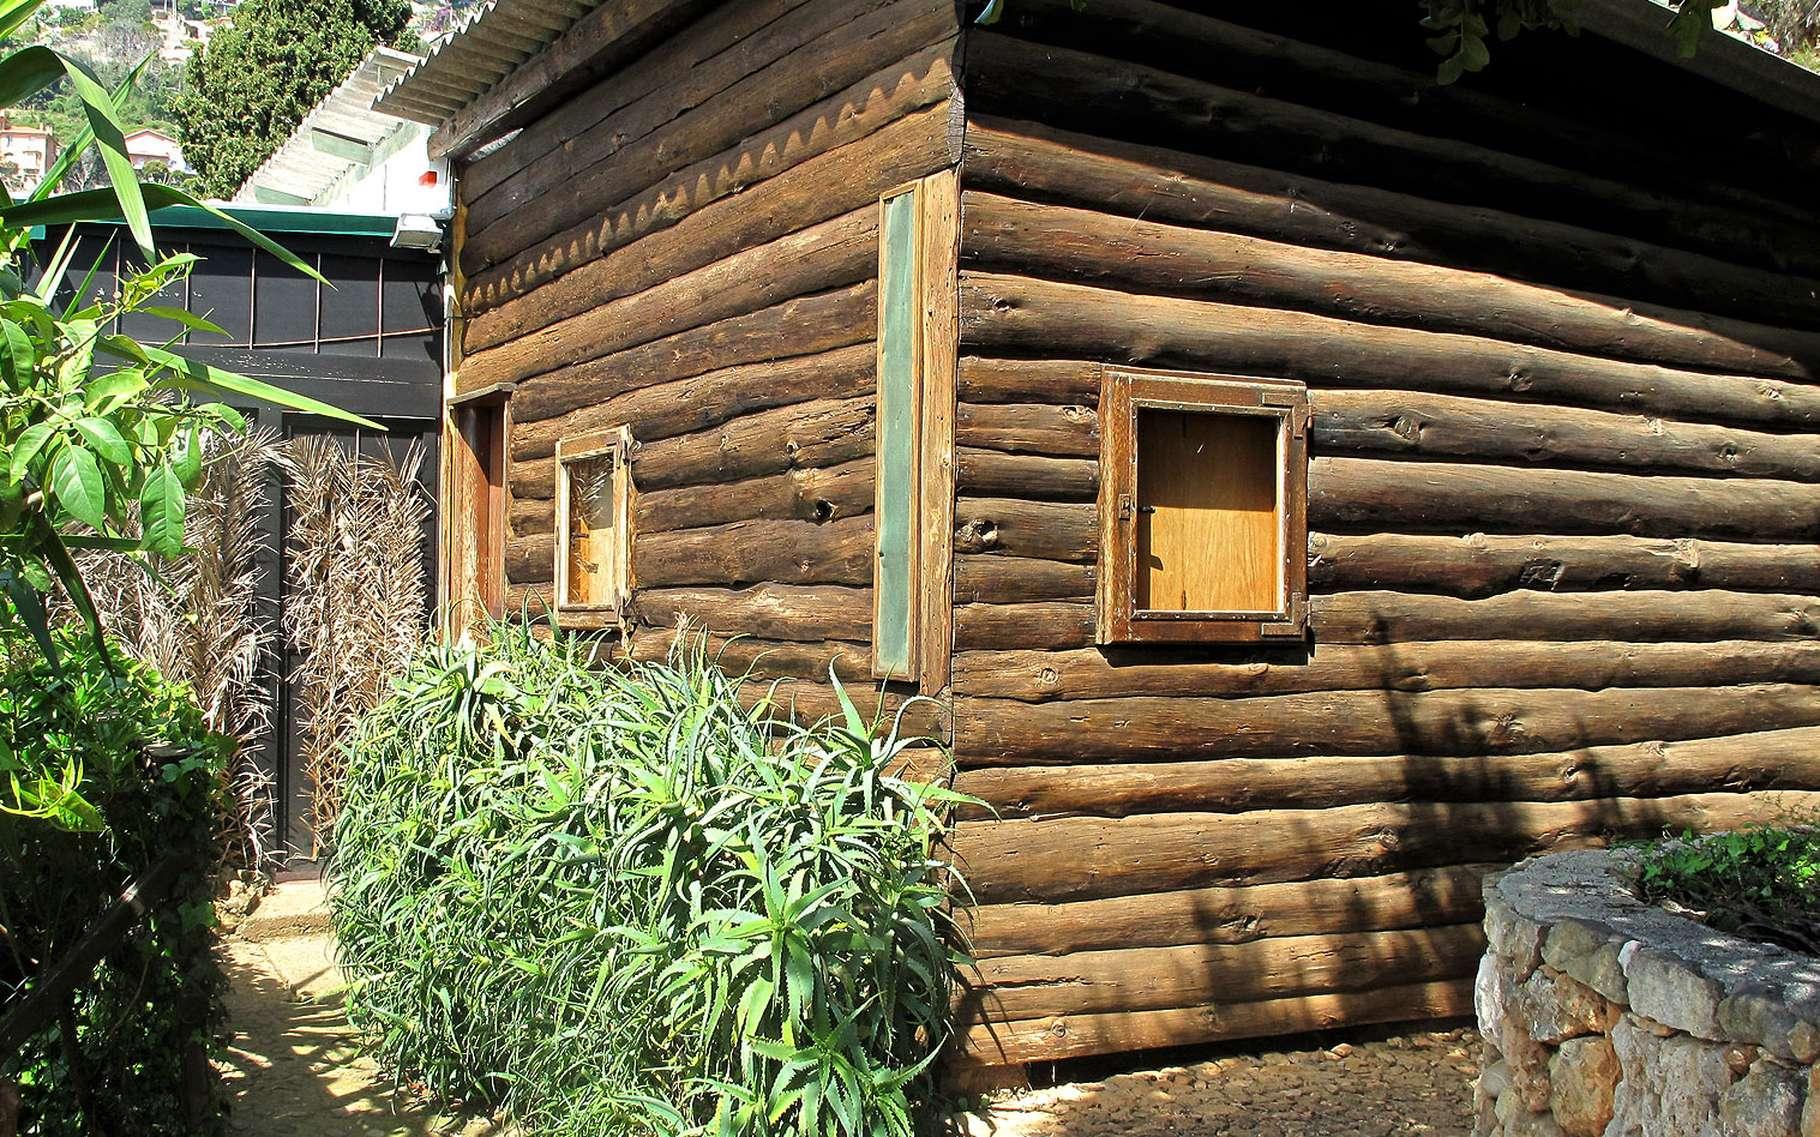 Maison Japonaise Traditionnelle Construire aux origines de l'architecture antique, la cabane primitive